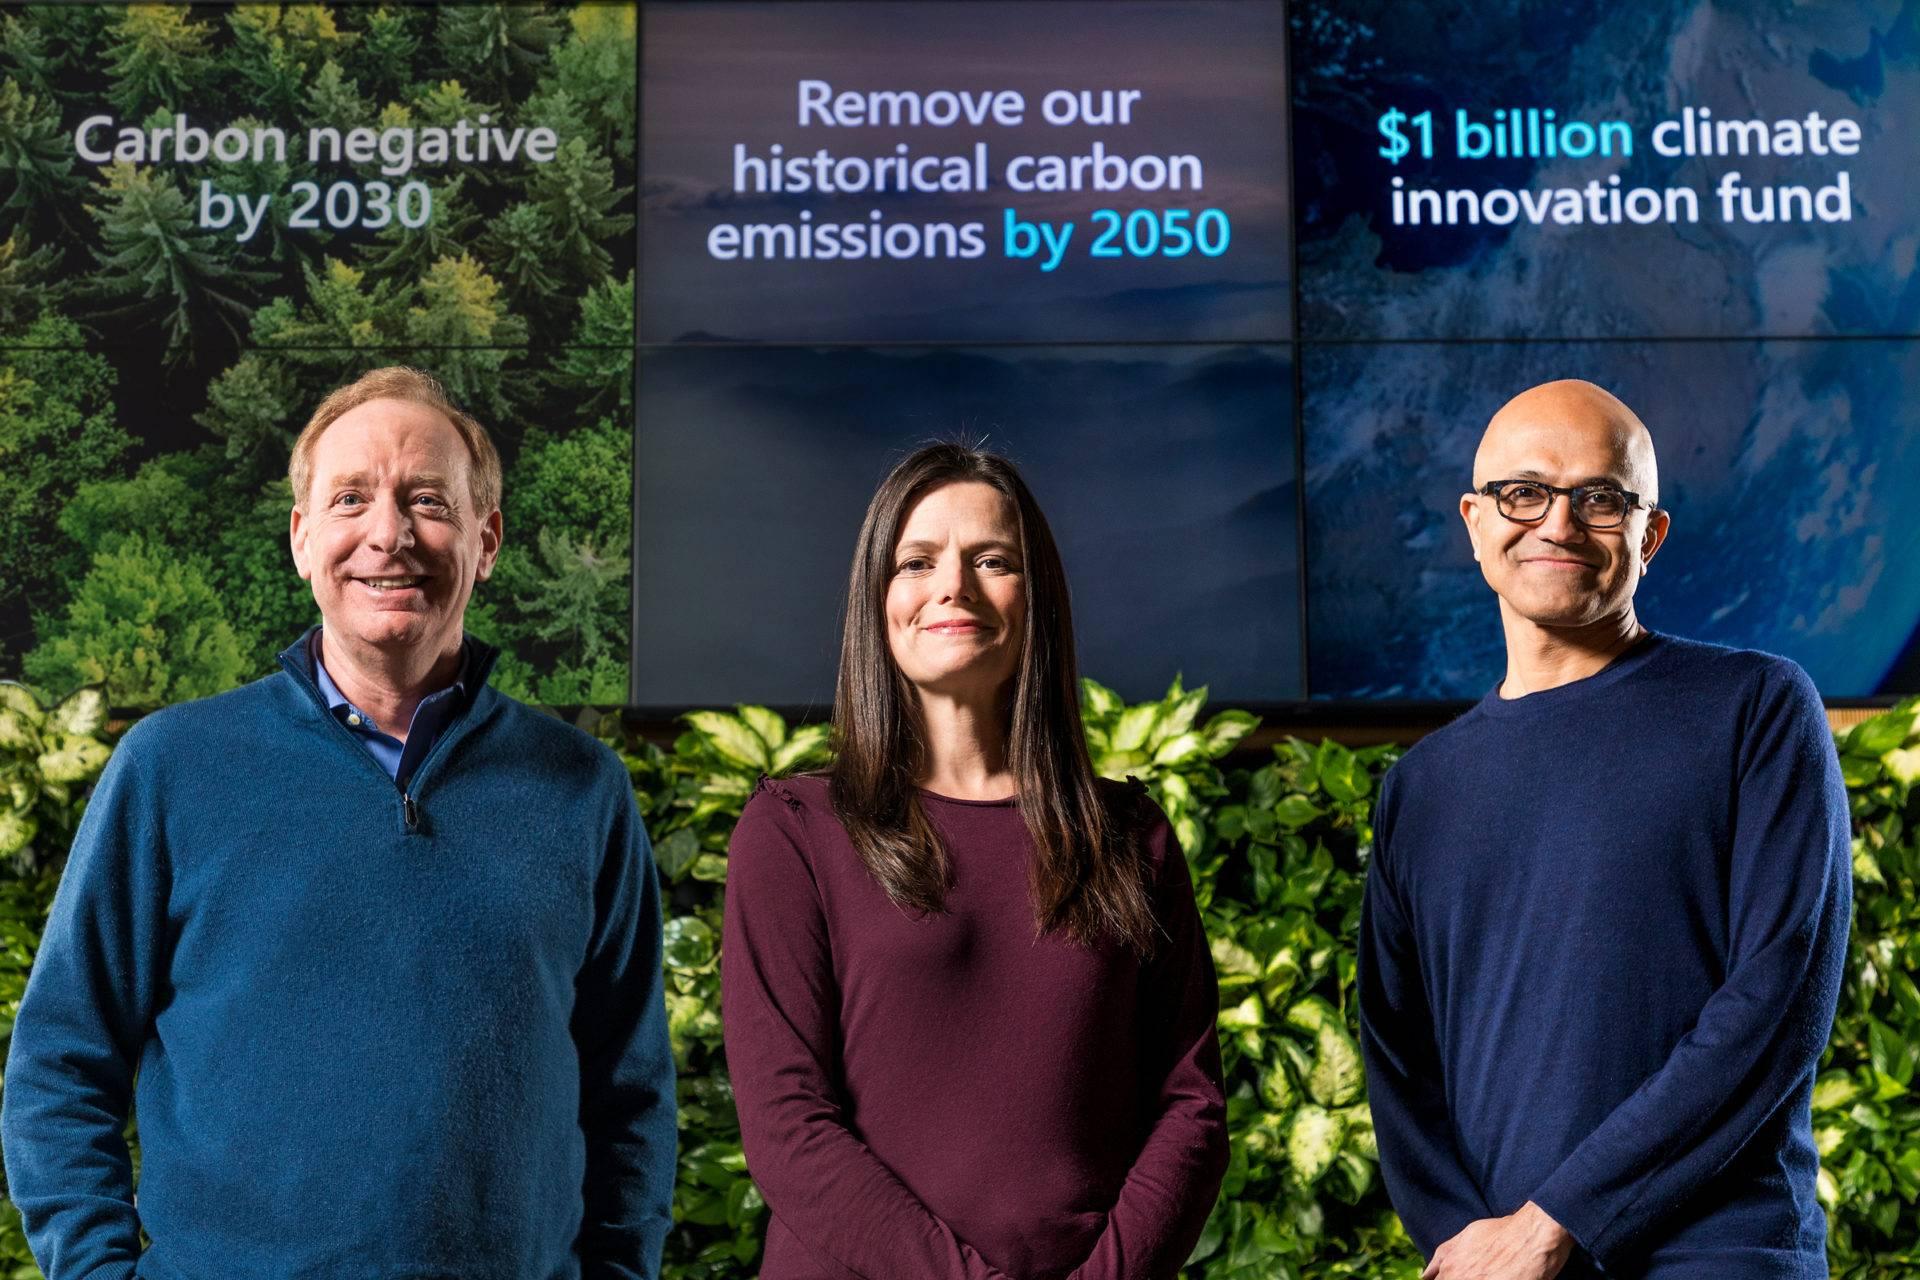 Microsoft se compromete a alcanzar una huella de carbono negativa en 2030